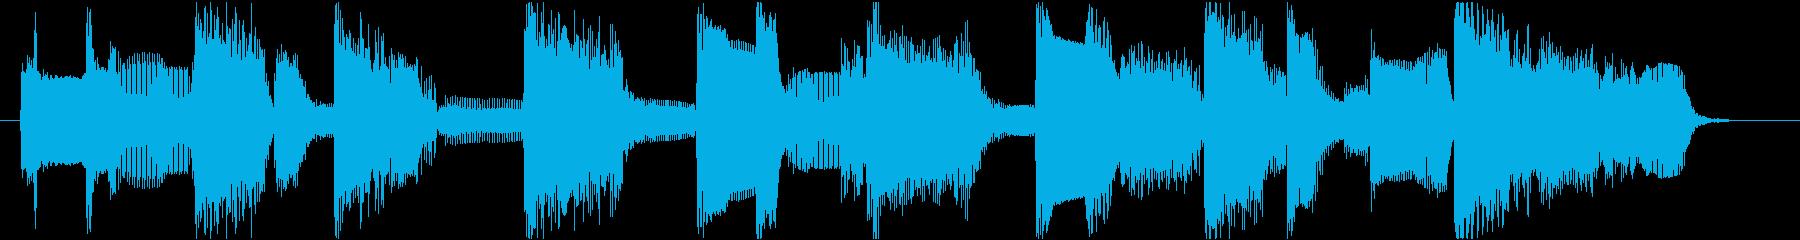 ローズピアノのブルージーなジングル11秒の再生済みの波形